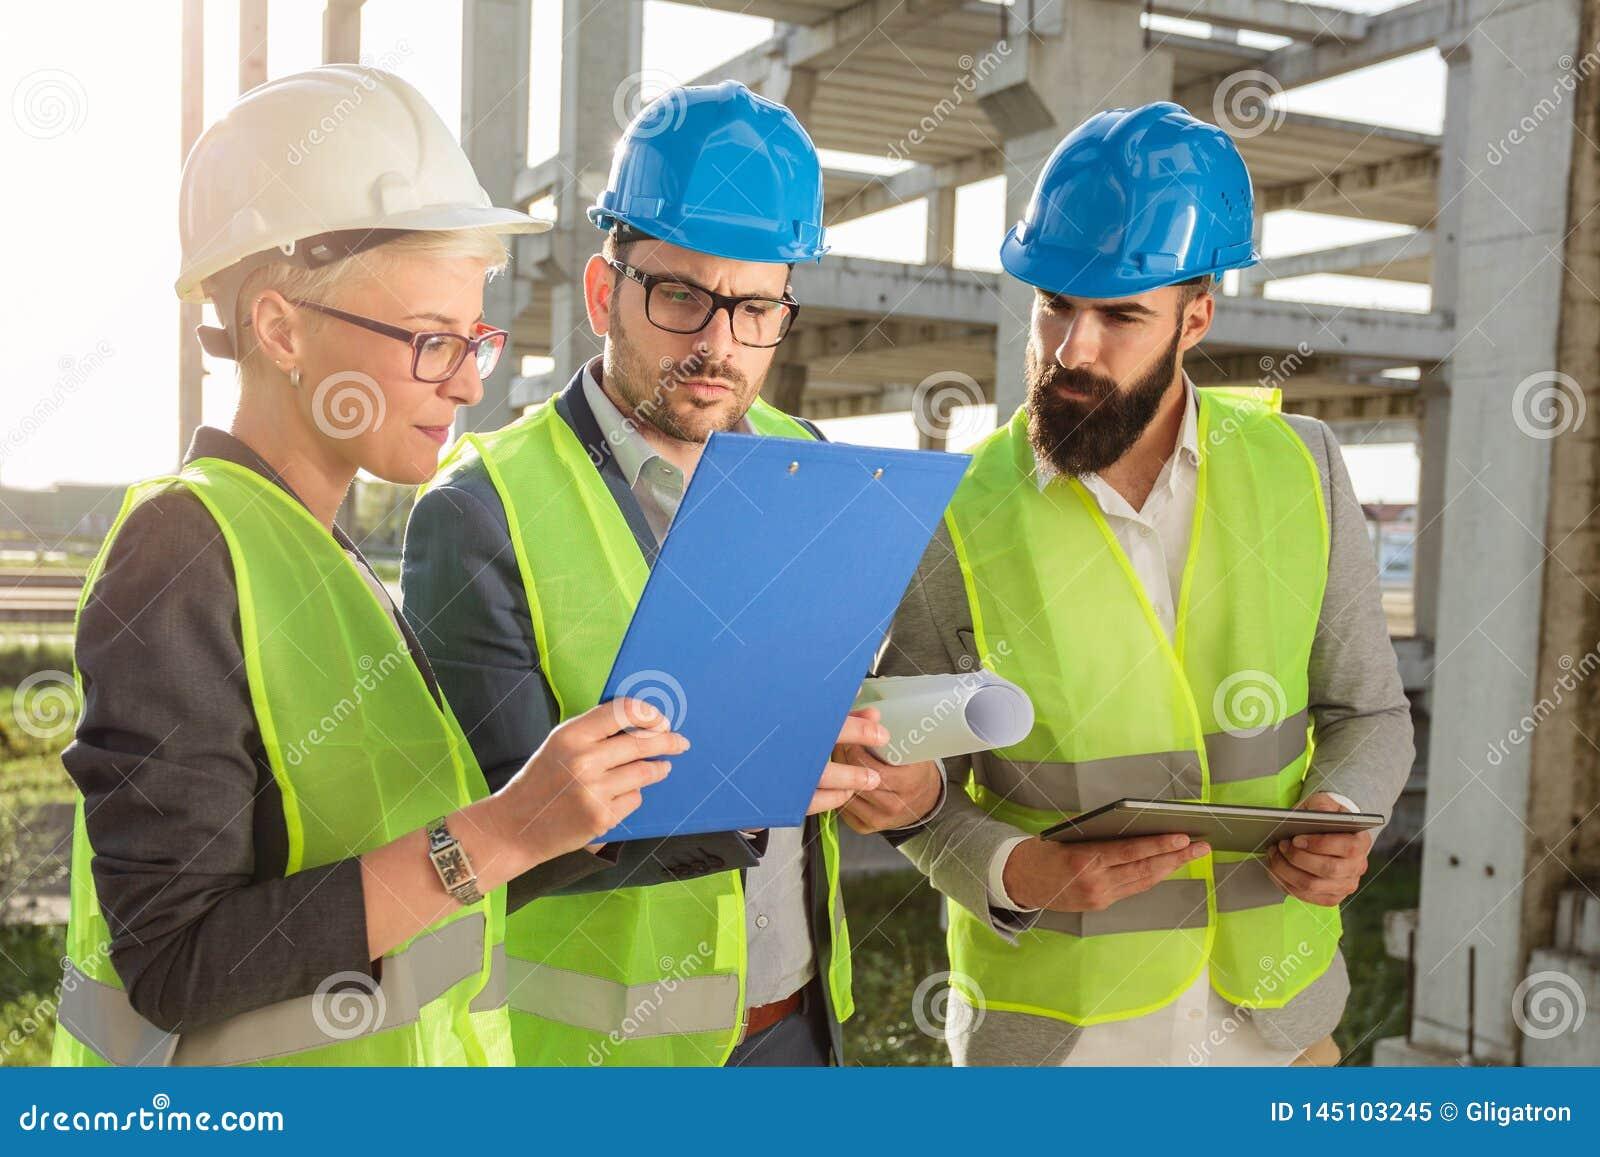 Kleine groep architecten en civiels-ingenieur die toekomstige plannen bespreken en projectdocumentatie bekijken